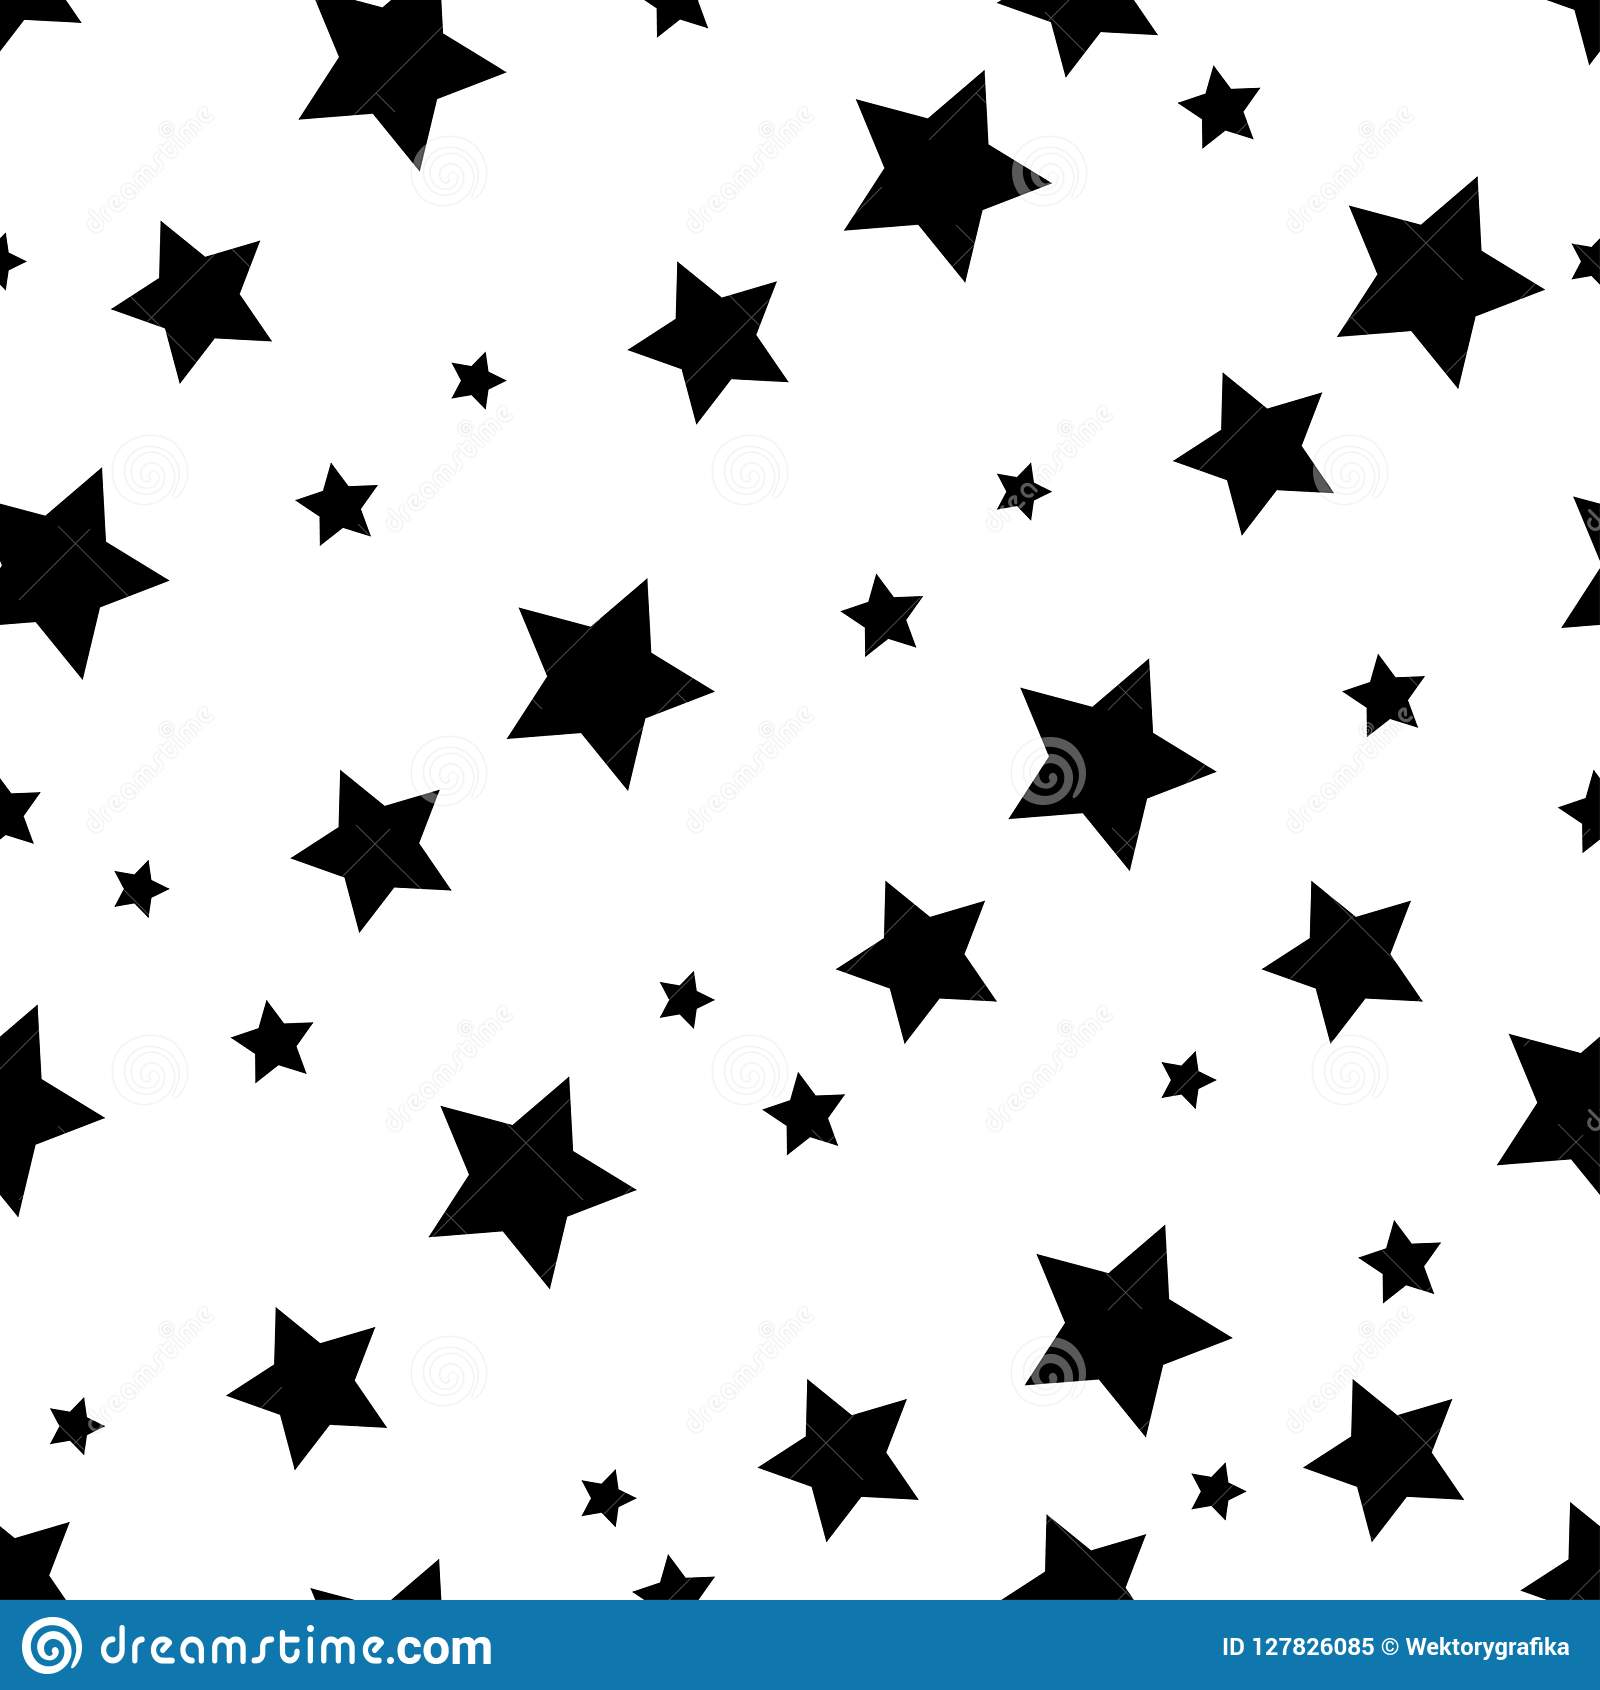 Άνευ ραφής υπόβαθρο σχεδίων αστεριών, μαύρο σχέδιο ταπετσαριών αστεριών